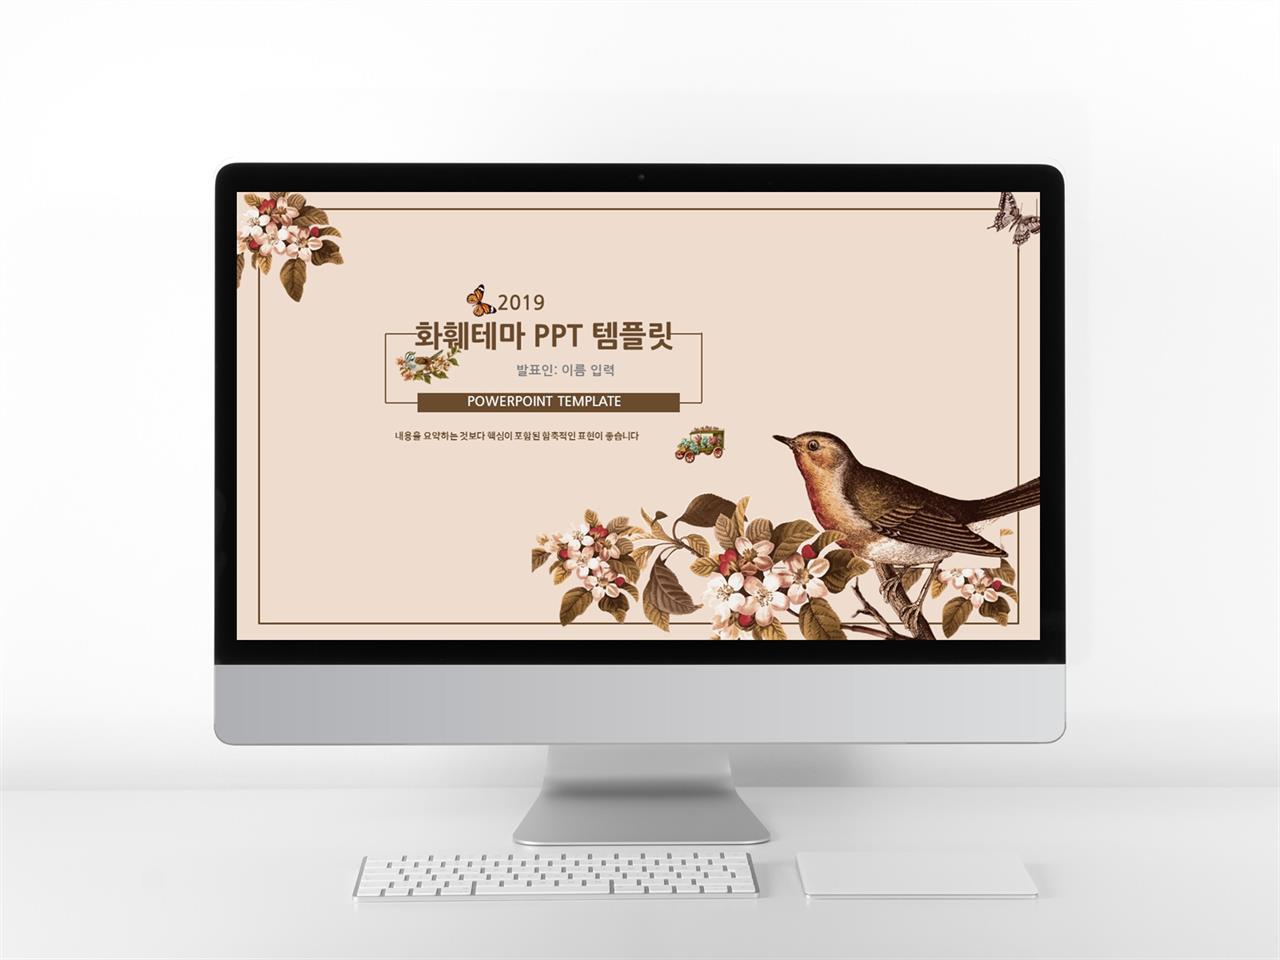 화훼, 동물주제 브라운 깜찍한 고급스럽운 POWERPOINT배경 사이트 미리보기